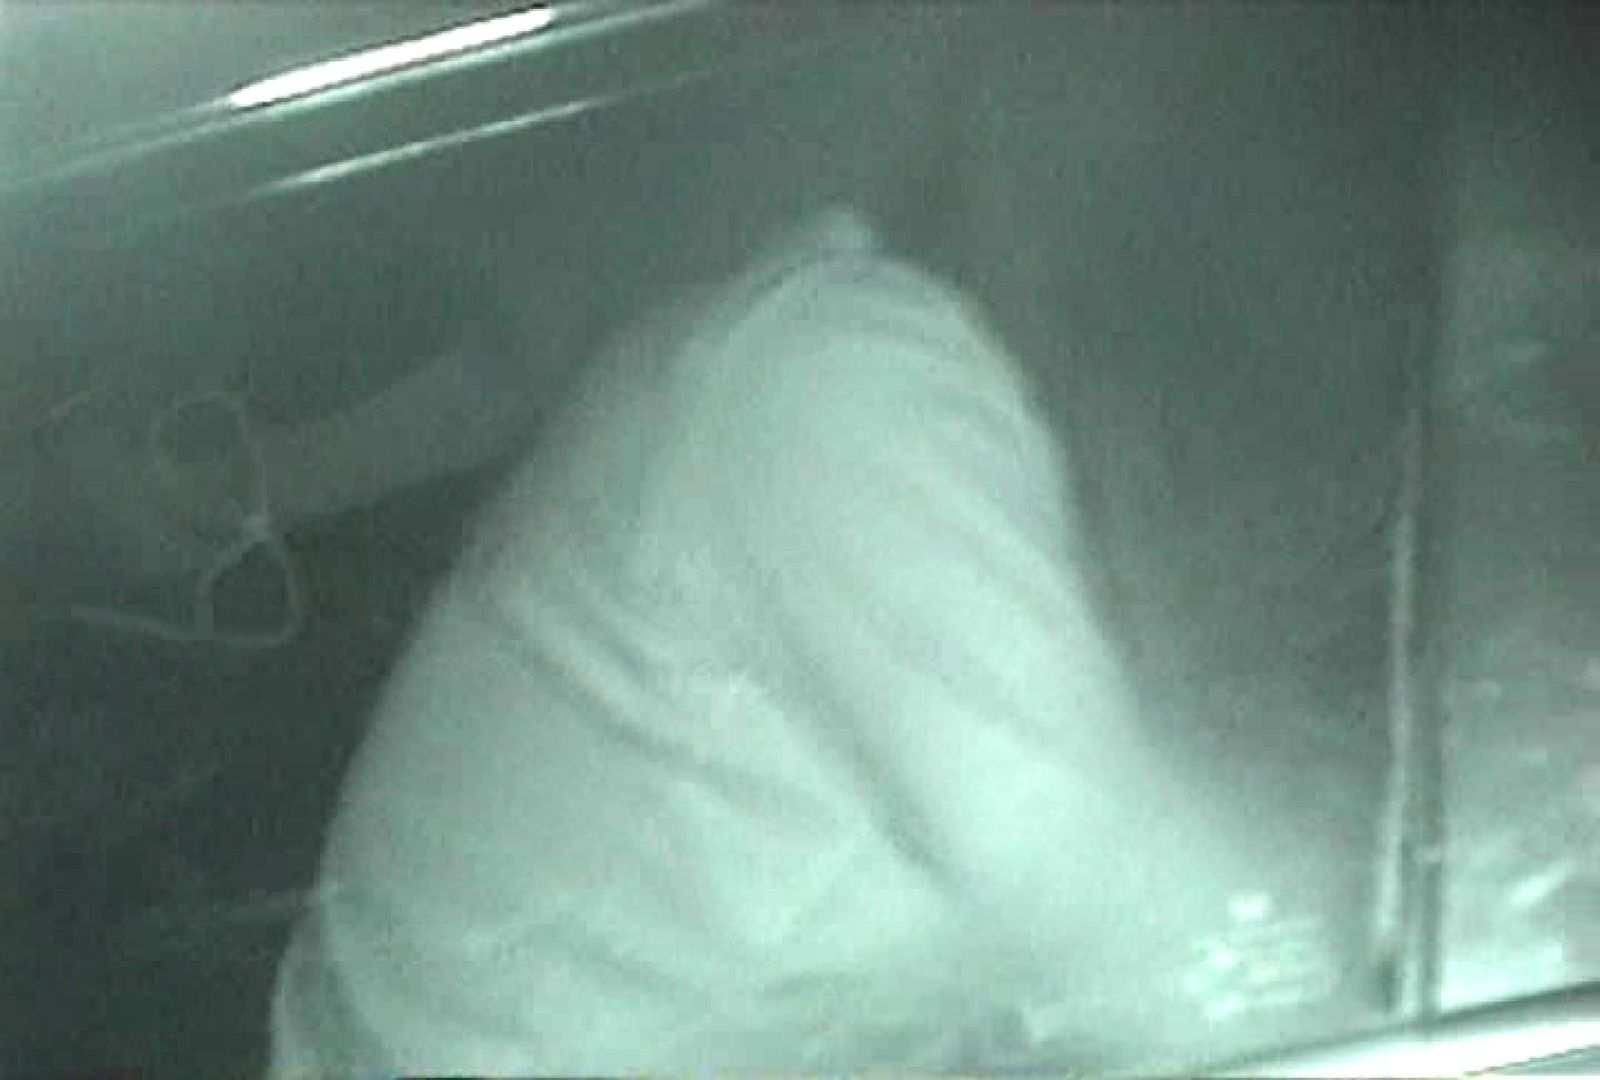 充血監督の深夜の運動会Vol.55 車中はめどり SEX無修正画像 94画像 4